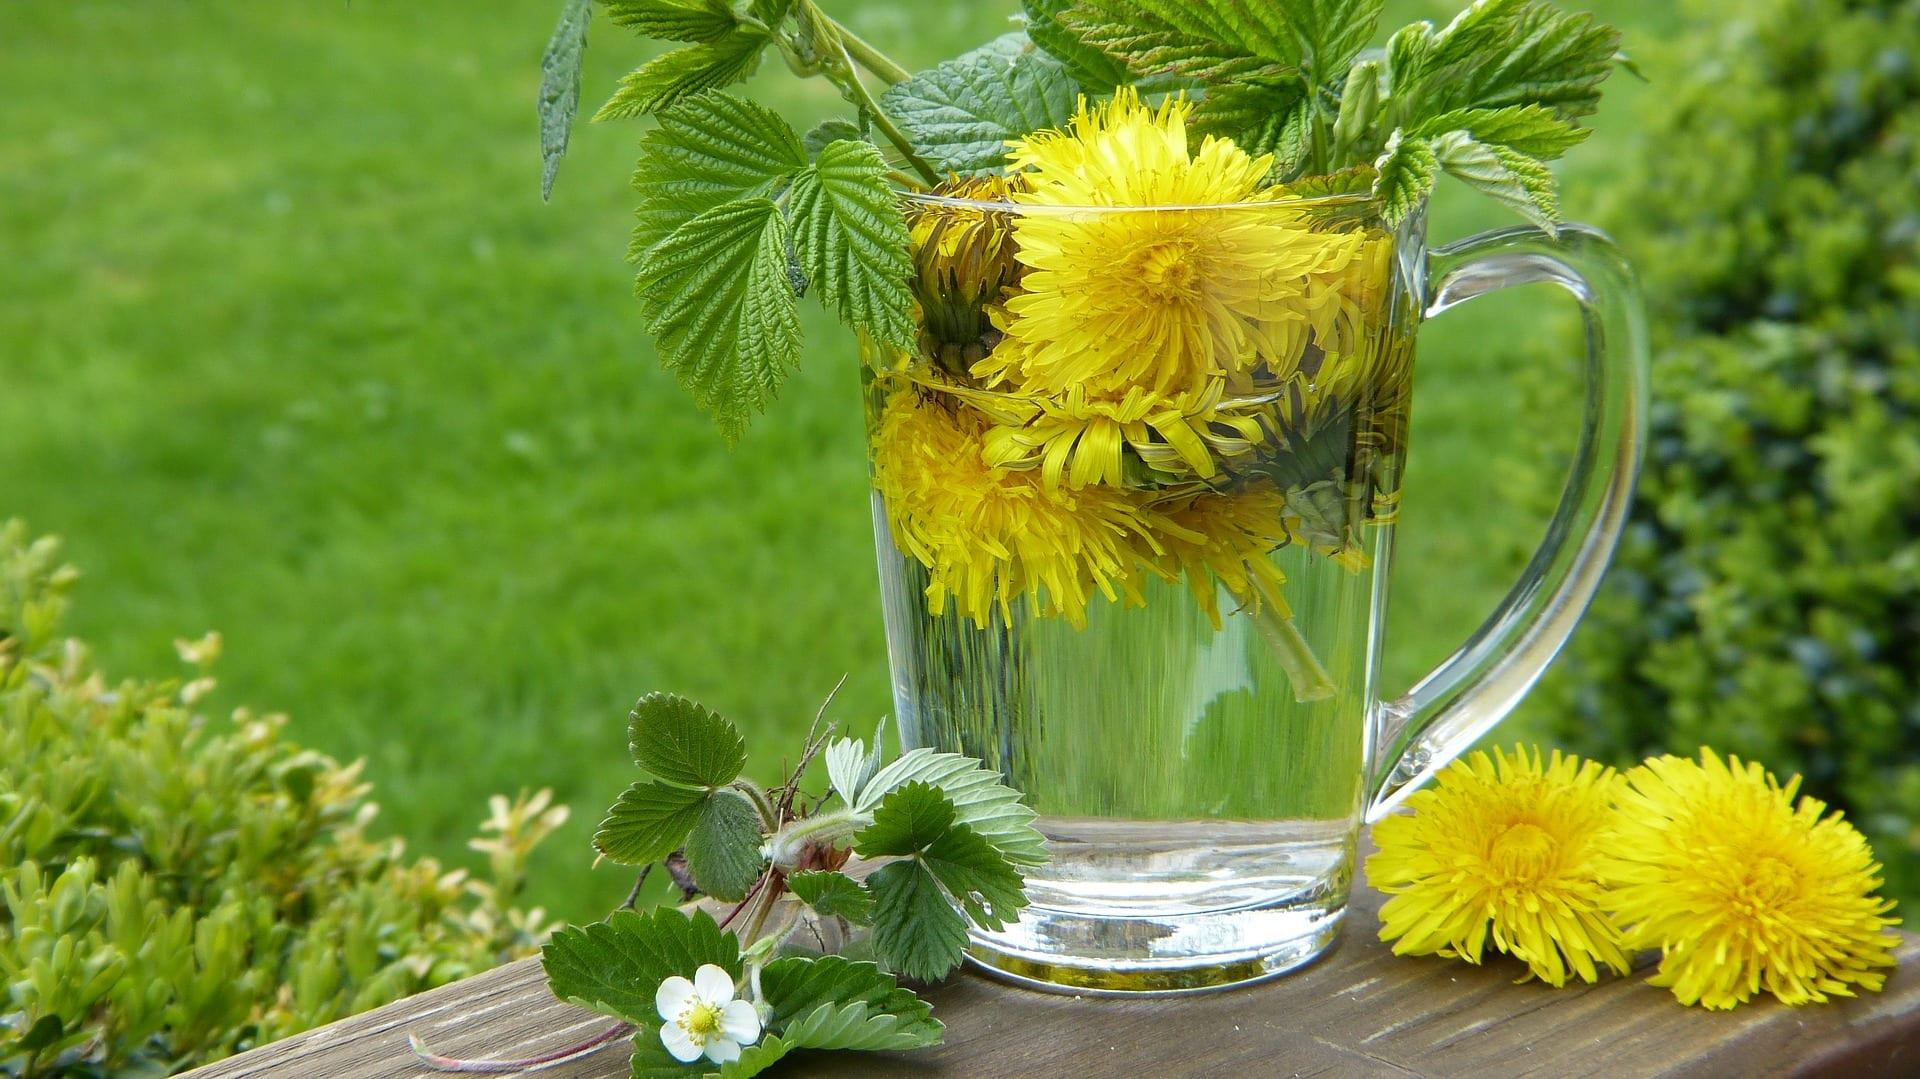 Is dandelion tea safe to drink